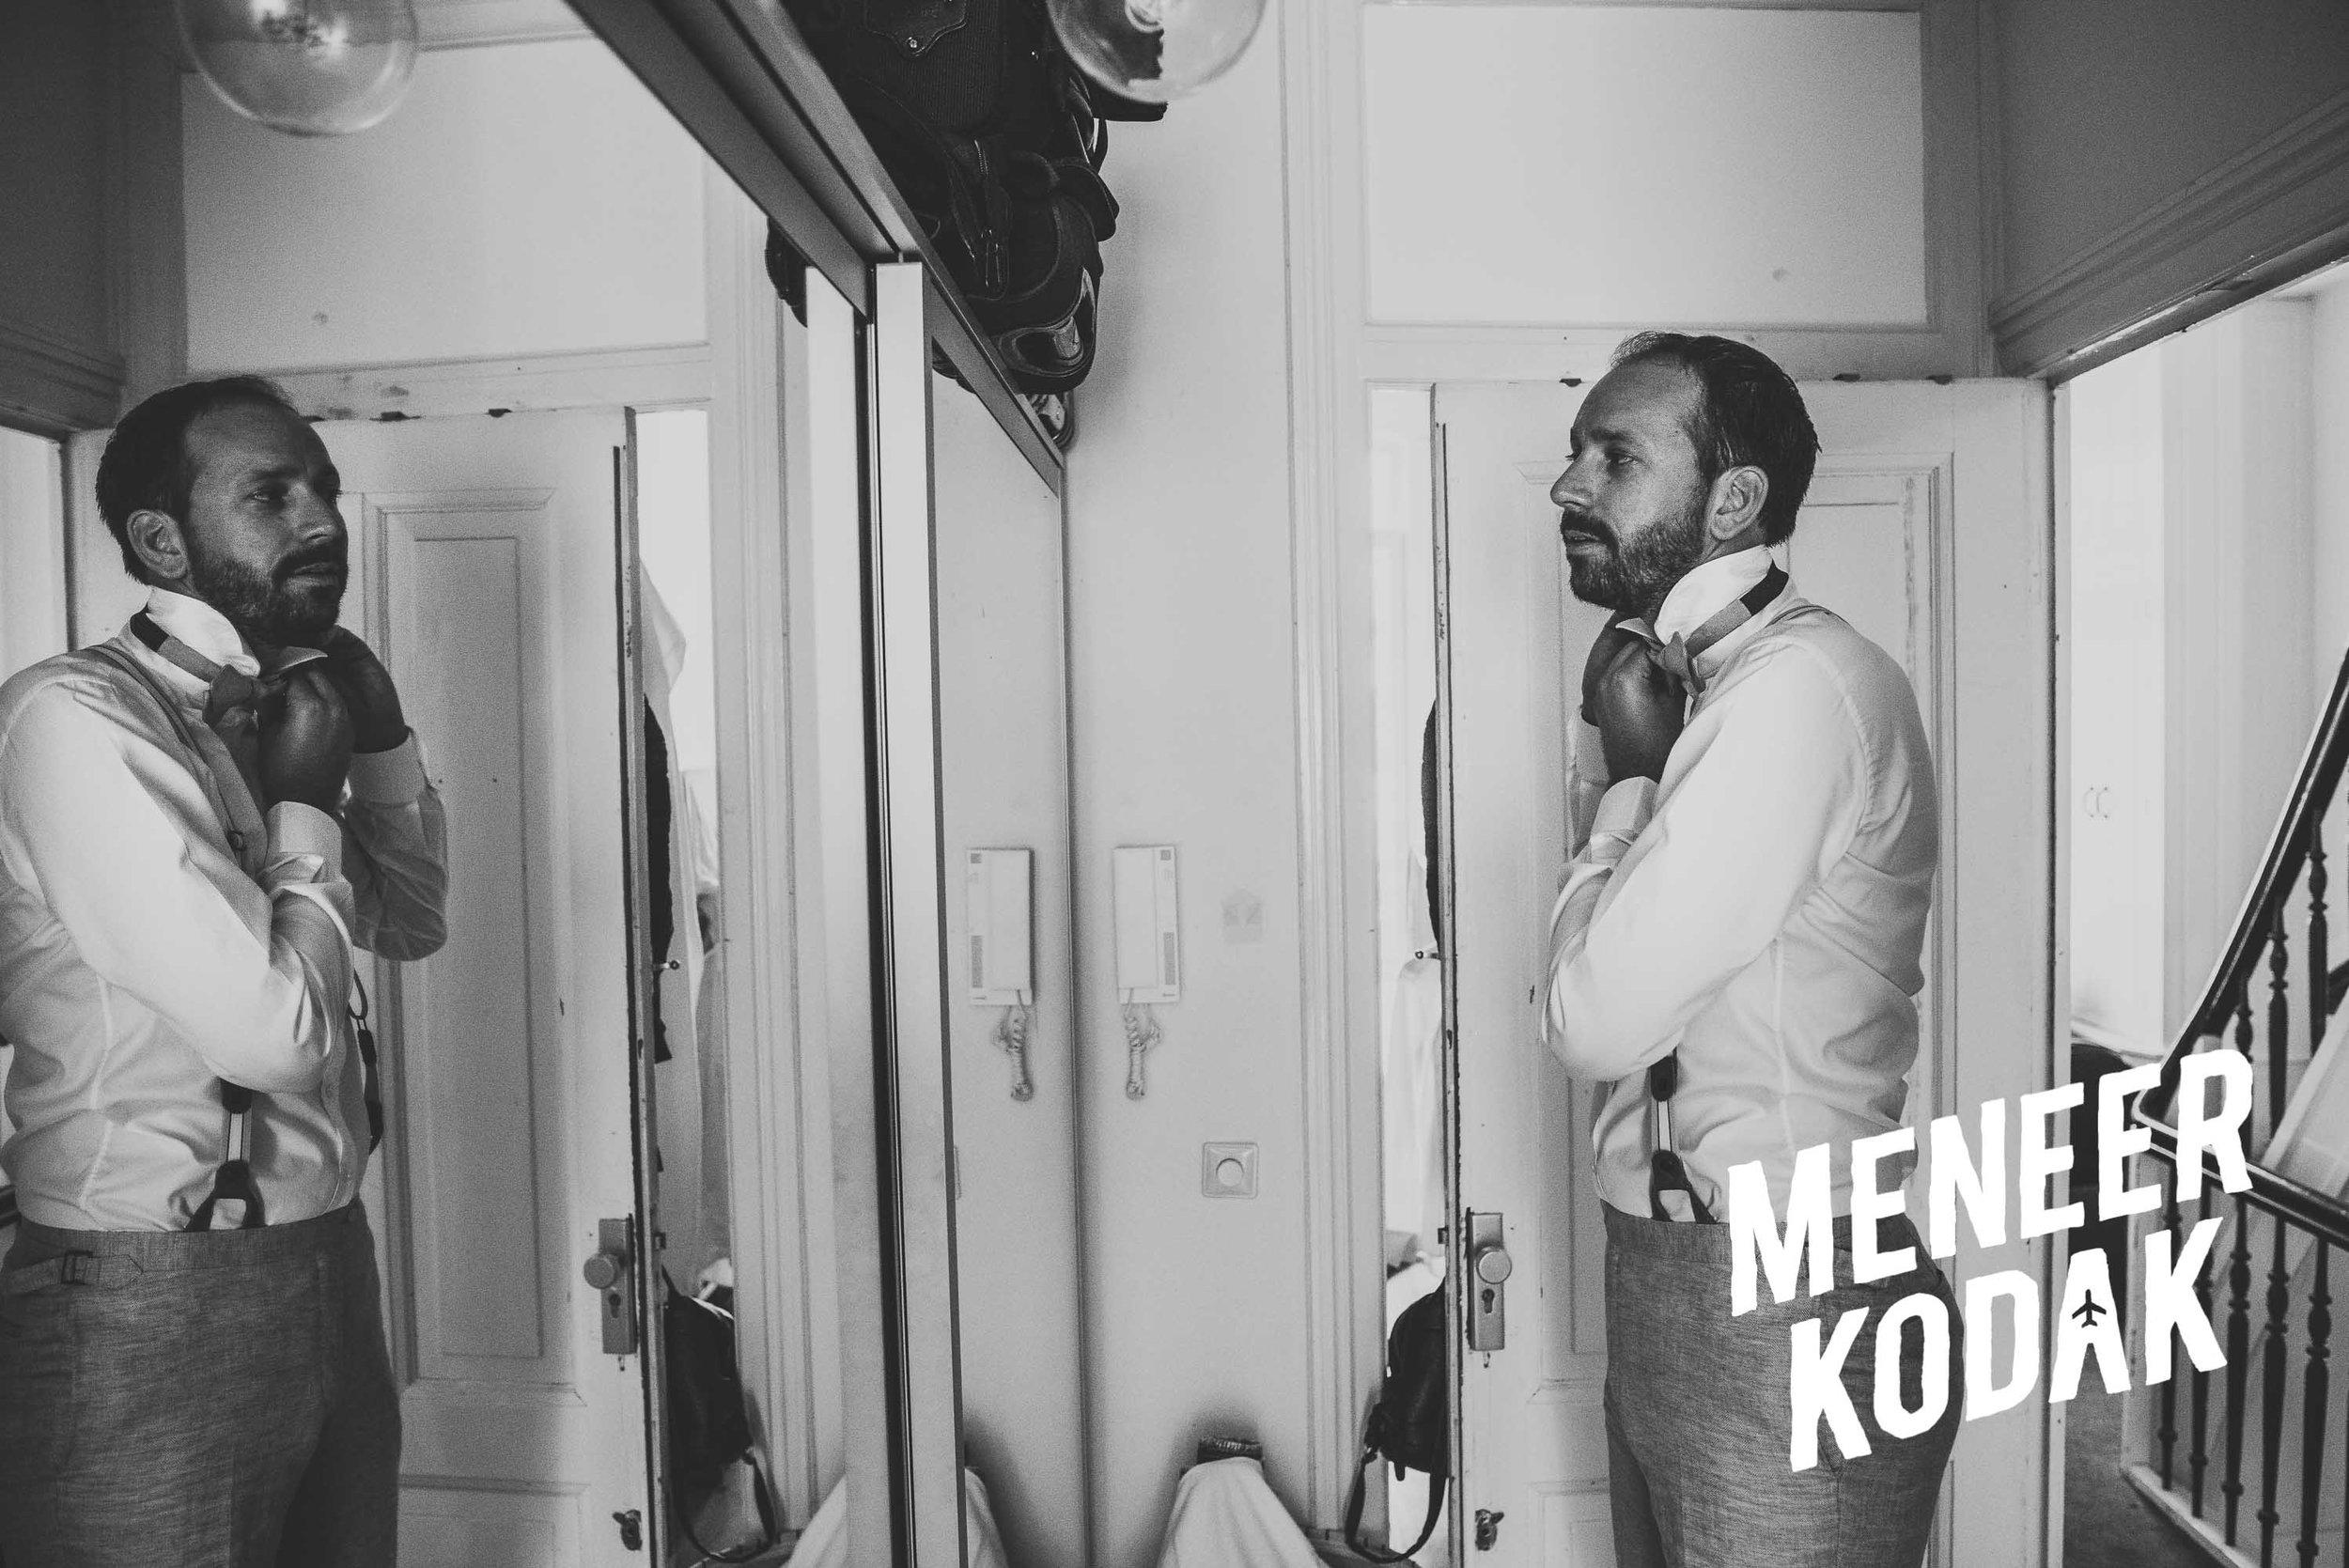 Meneer Kodak - Trouwfotograaf - Amsterdam - H&T-020.jpg